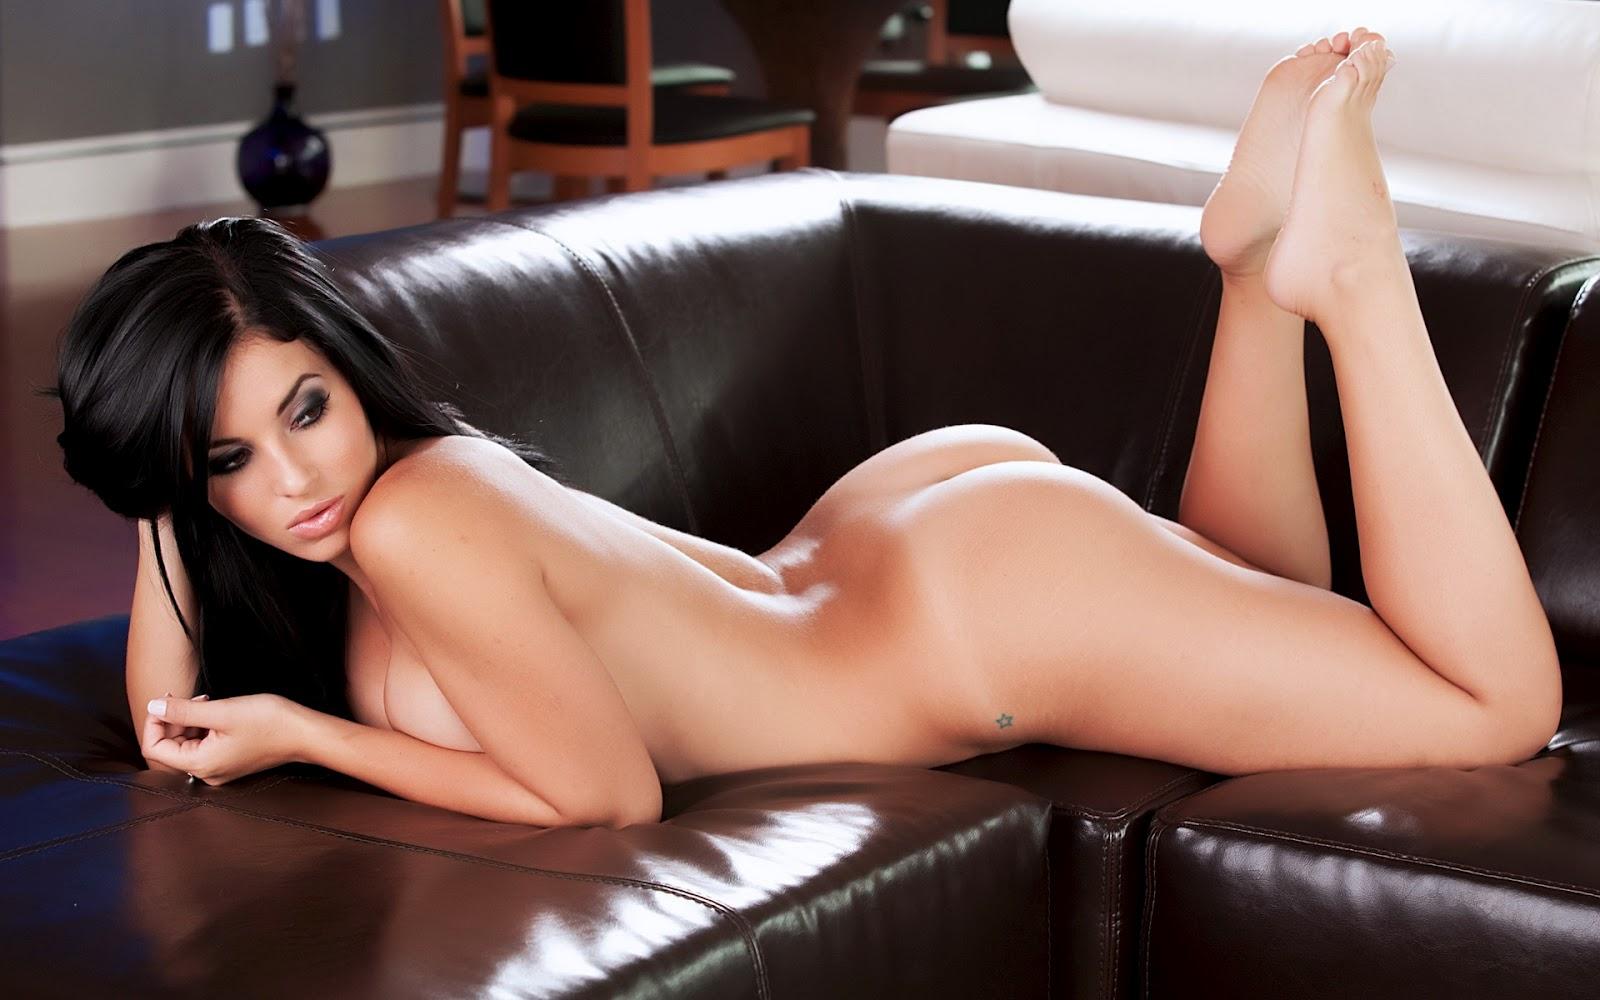 Секси красотки рисованые смотреть фото 15 фотография